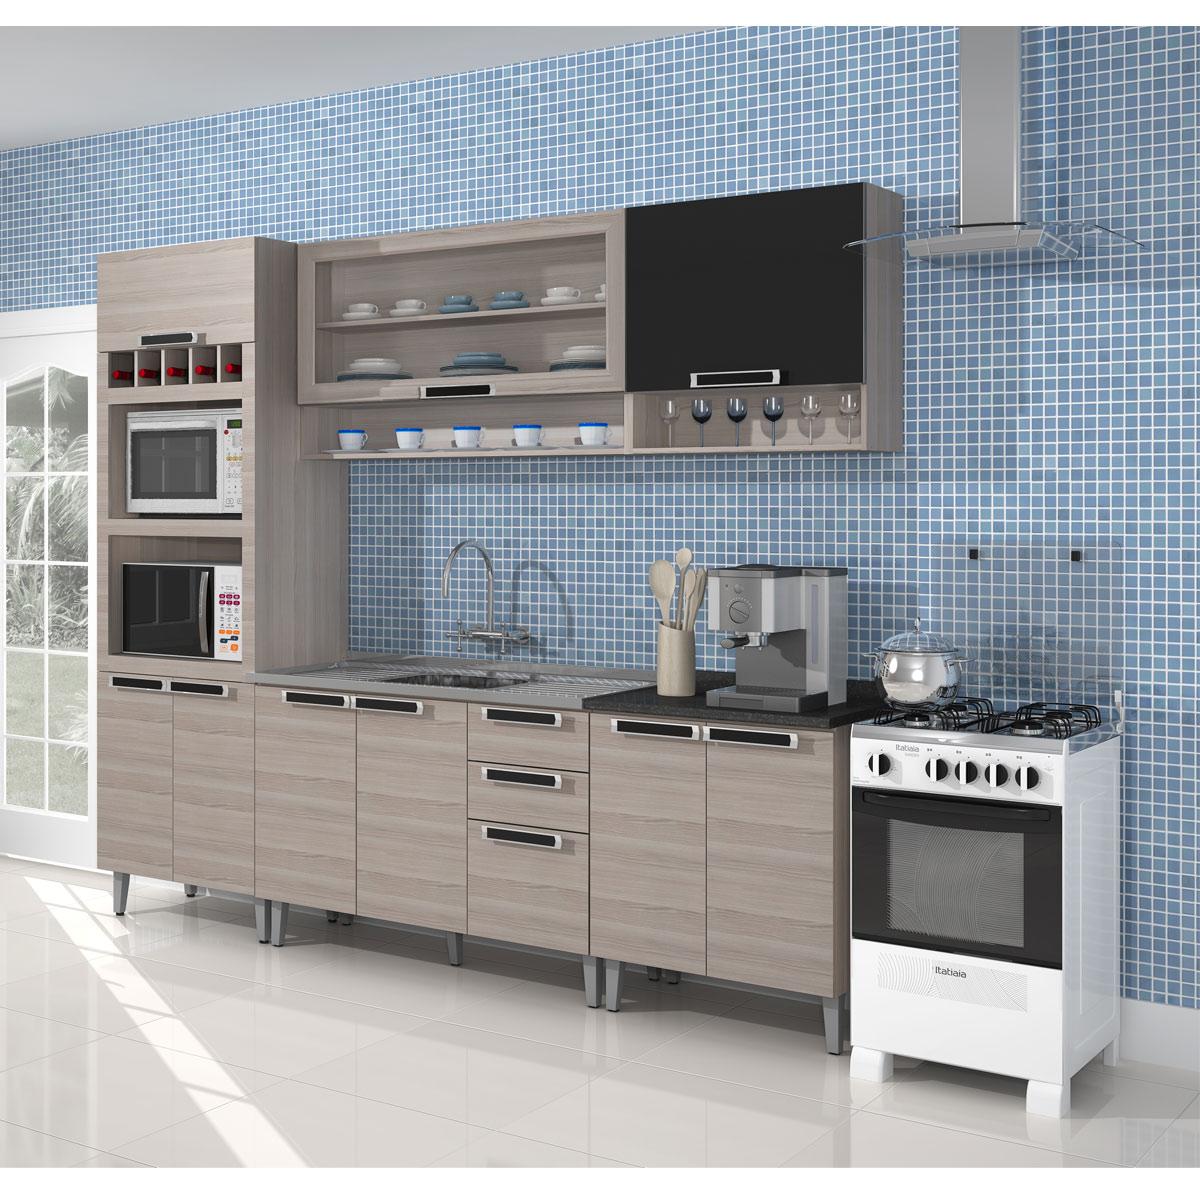 Cozinhas Completas Diferentes Modelos e Marcas Ideias Mix #4C677F 1200x1200